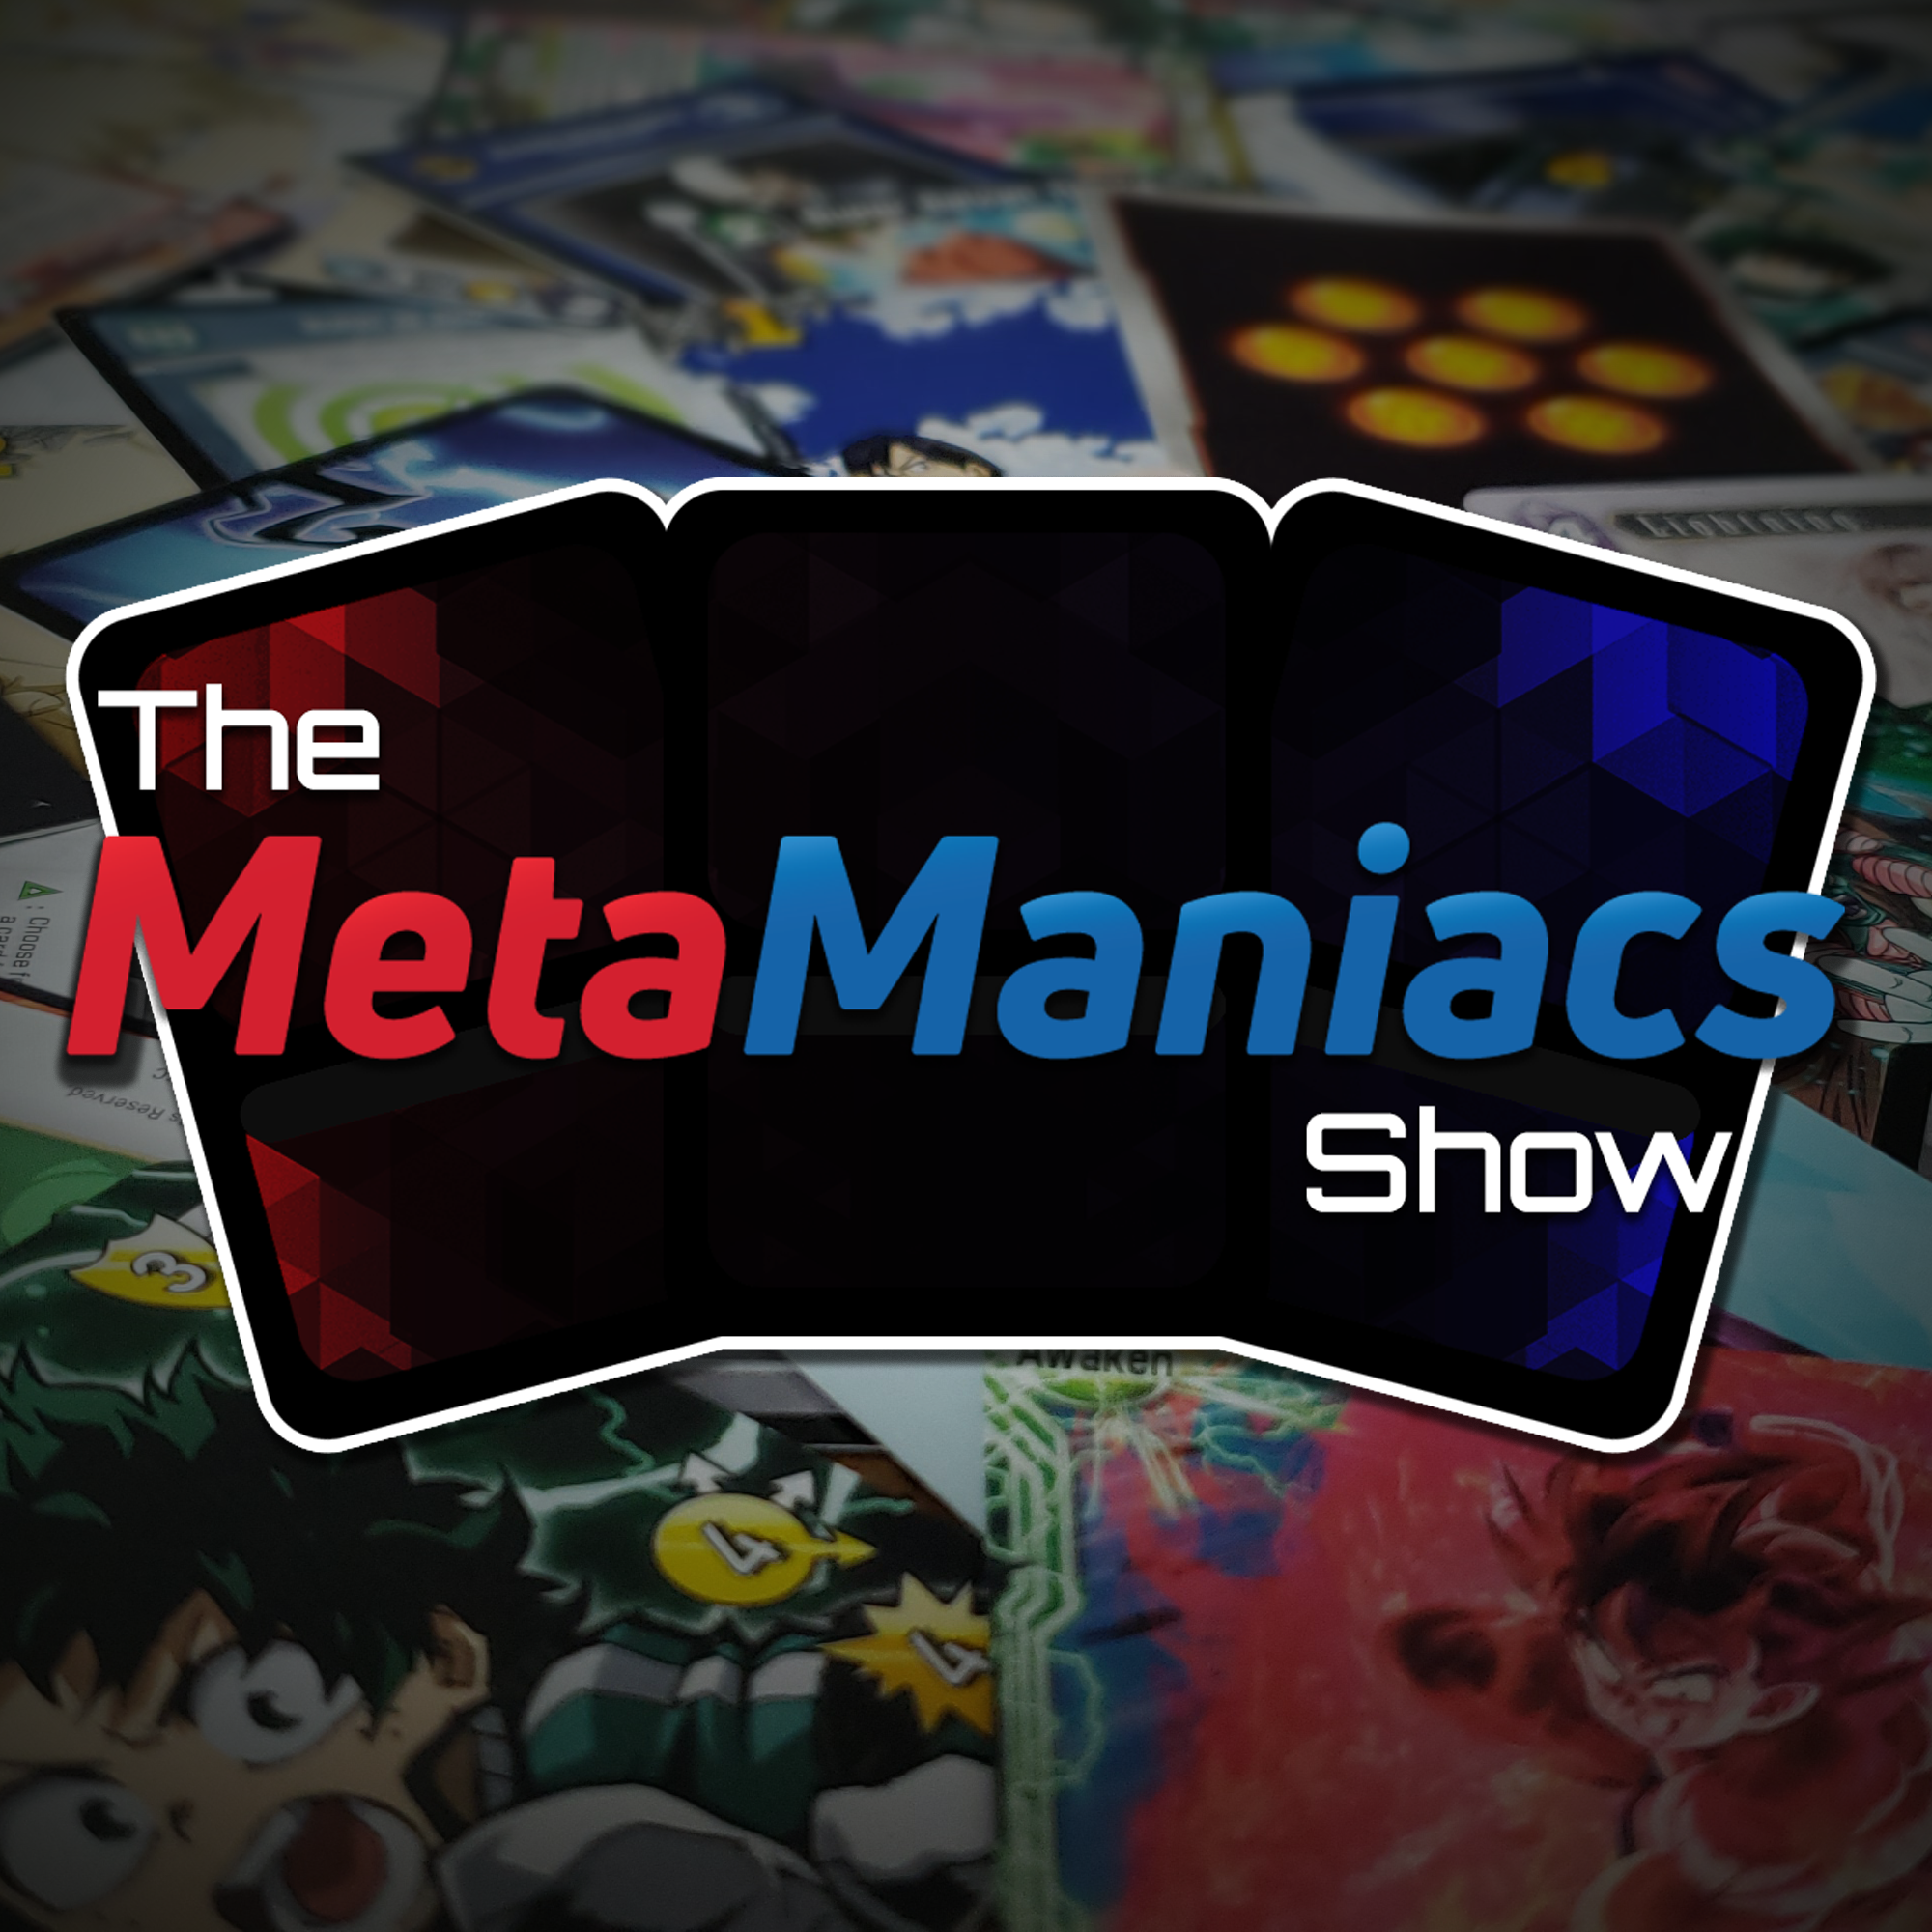 The MetaManiacs Show